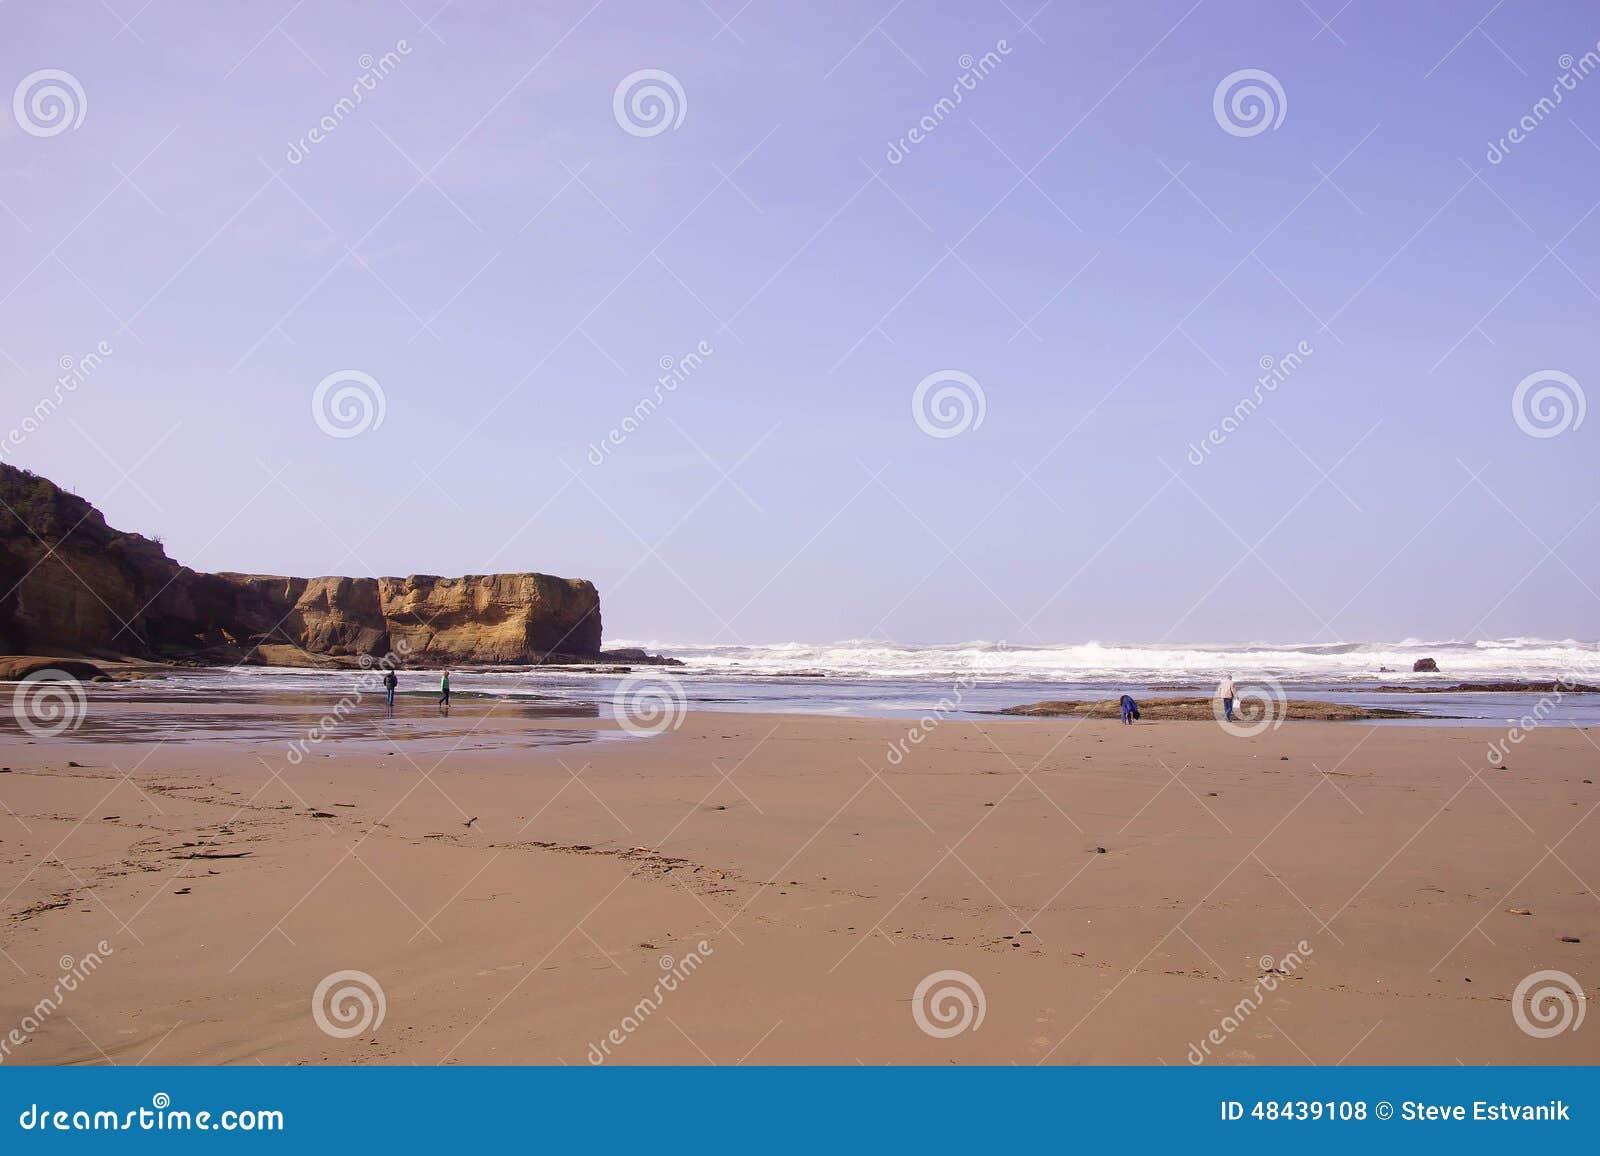 Beachcombers ищут берег